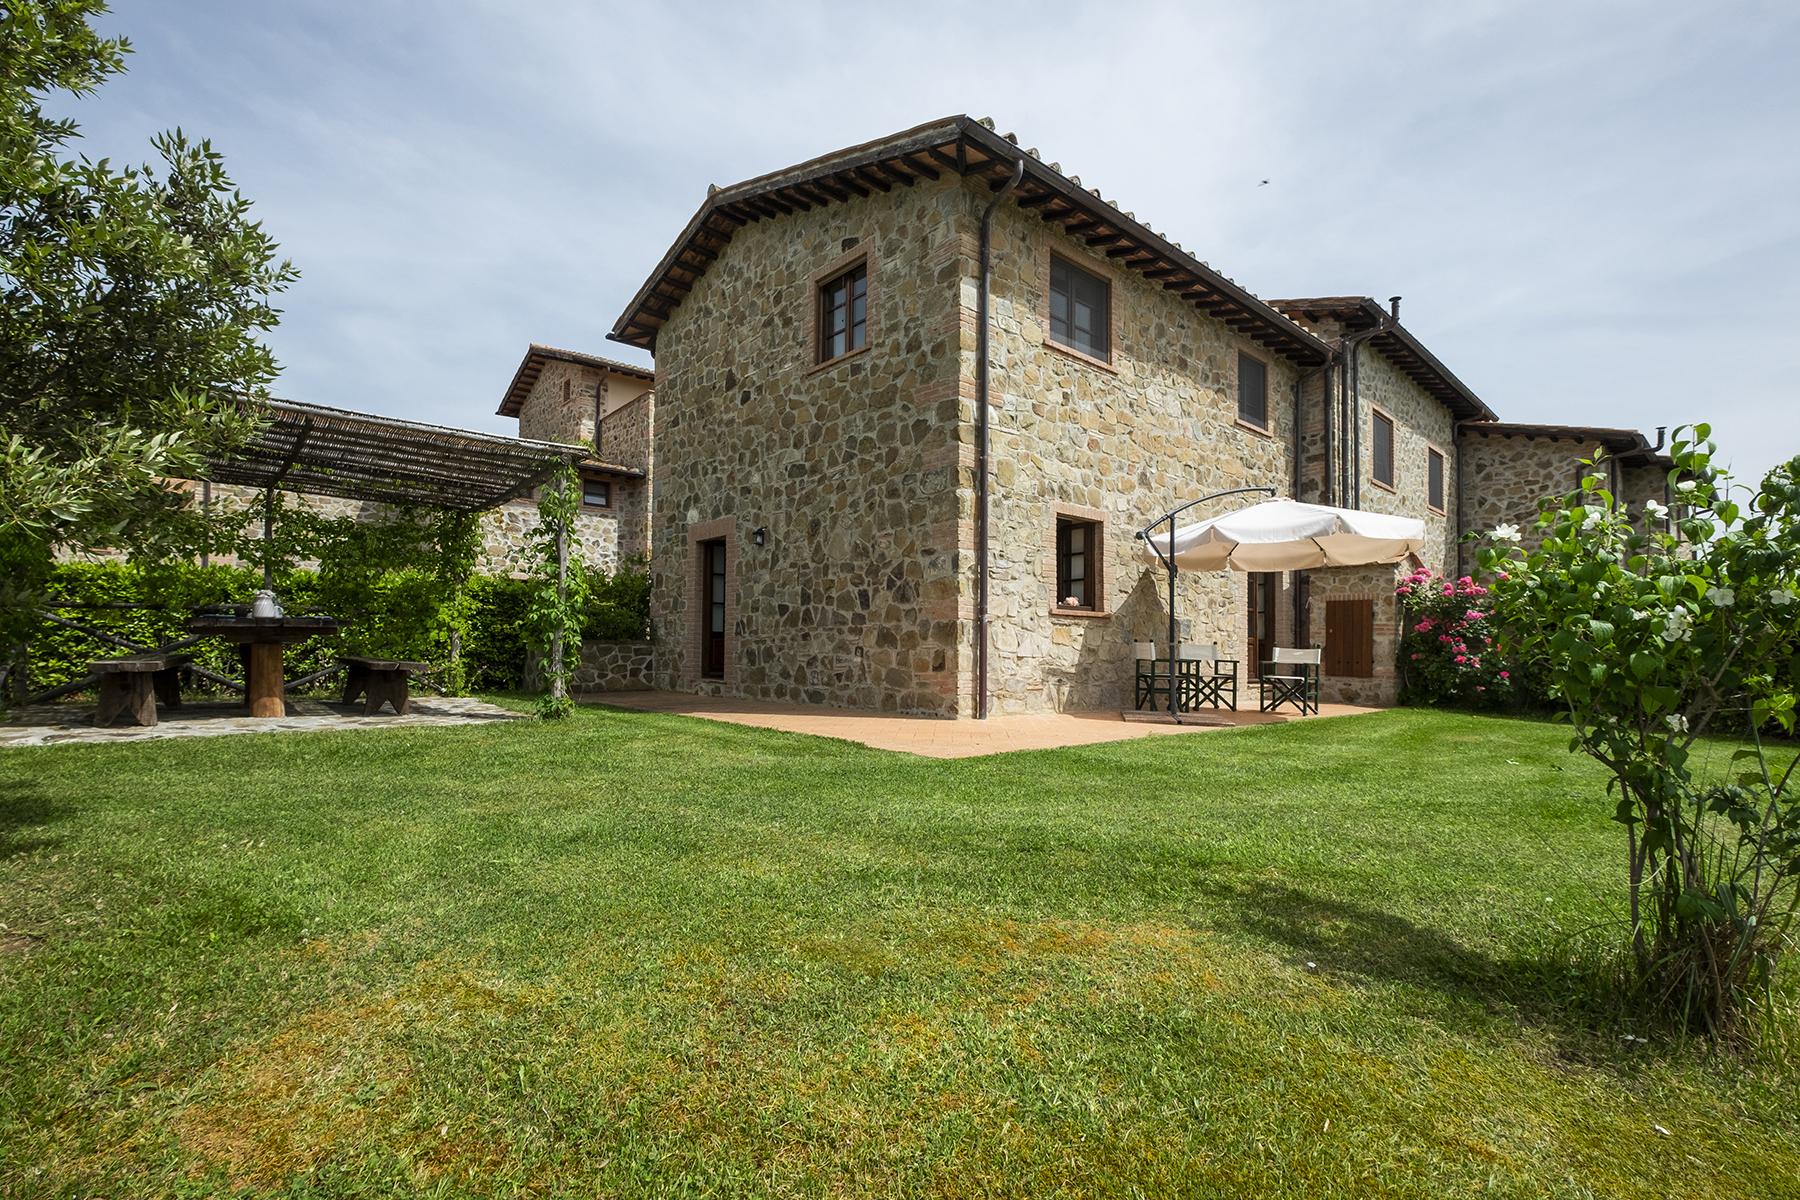 Appartamento in Vendita a Scansano: 5 locali, 129 mq - Foto 22